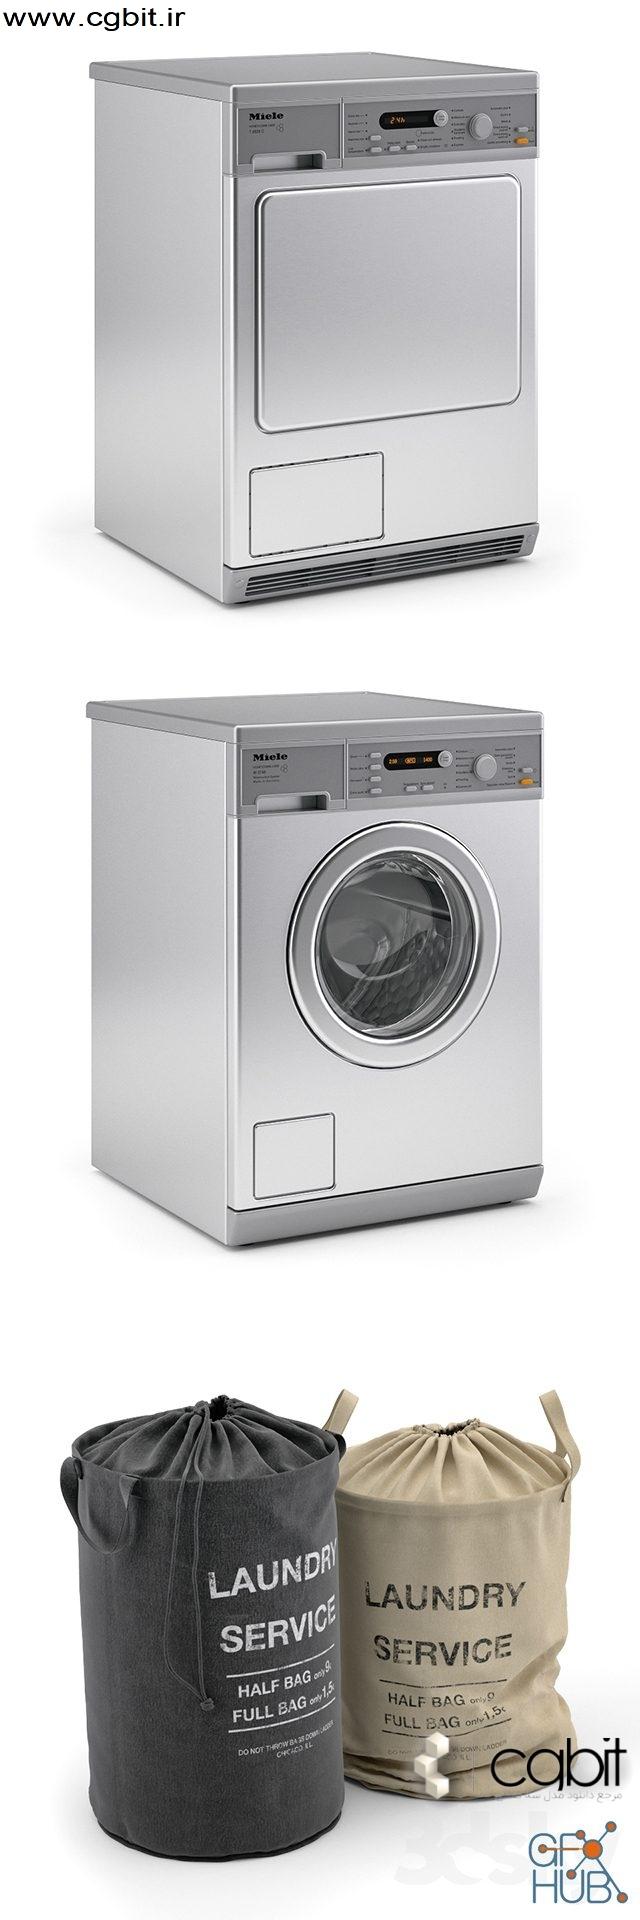 fems 1552305881 laundry 2 - مجموعه مدل سه بعدی لباسشویی و خشکشویی